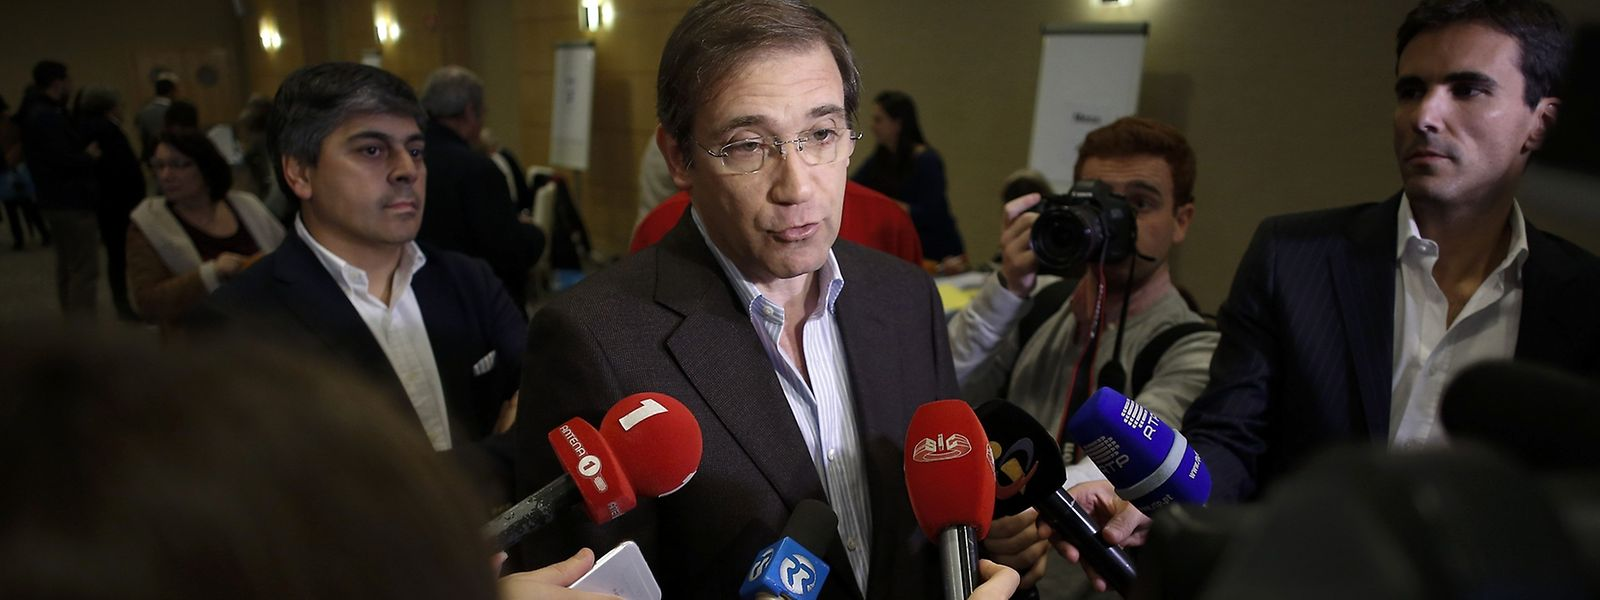 O presidente do Partido Social Democrata (PSD), Pedro Passos Coelho (C), fala aos jornalistas após ter exercido o seu direito de voto na distrital de Lisboa para as eleições diretas para a escolha do presidente do partido